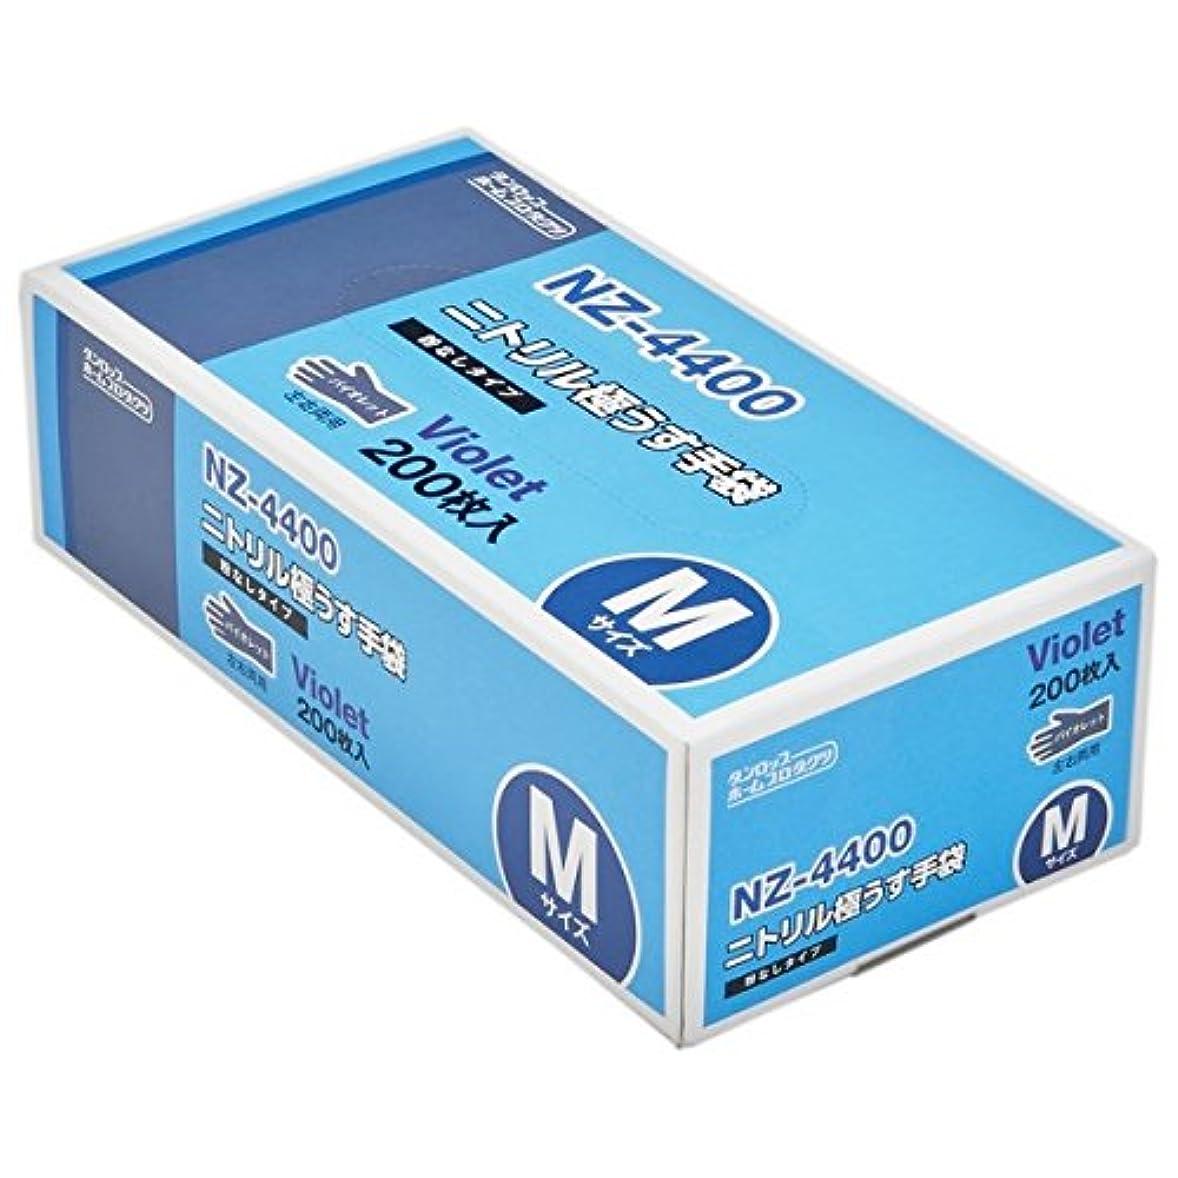 耐えられないおびえた頻繁にダンロップ ニトリル極うす手袋 NZ-4400 バイオレット 粉なし Mサイズ 200枚入